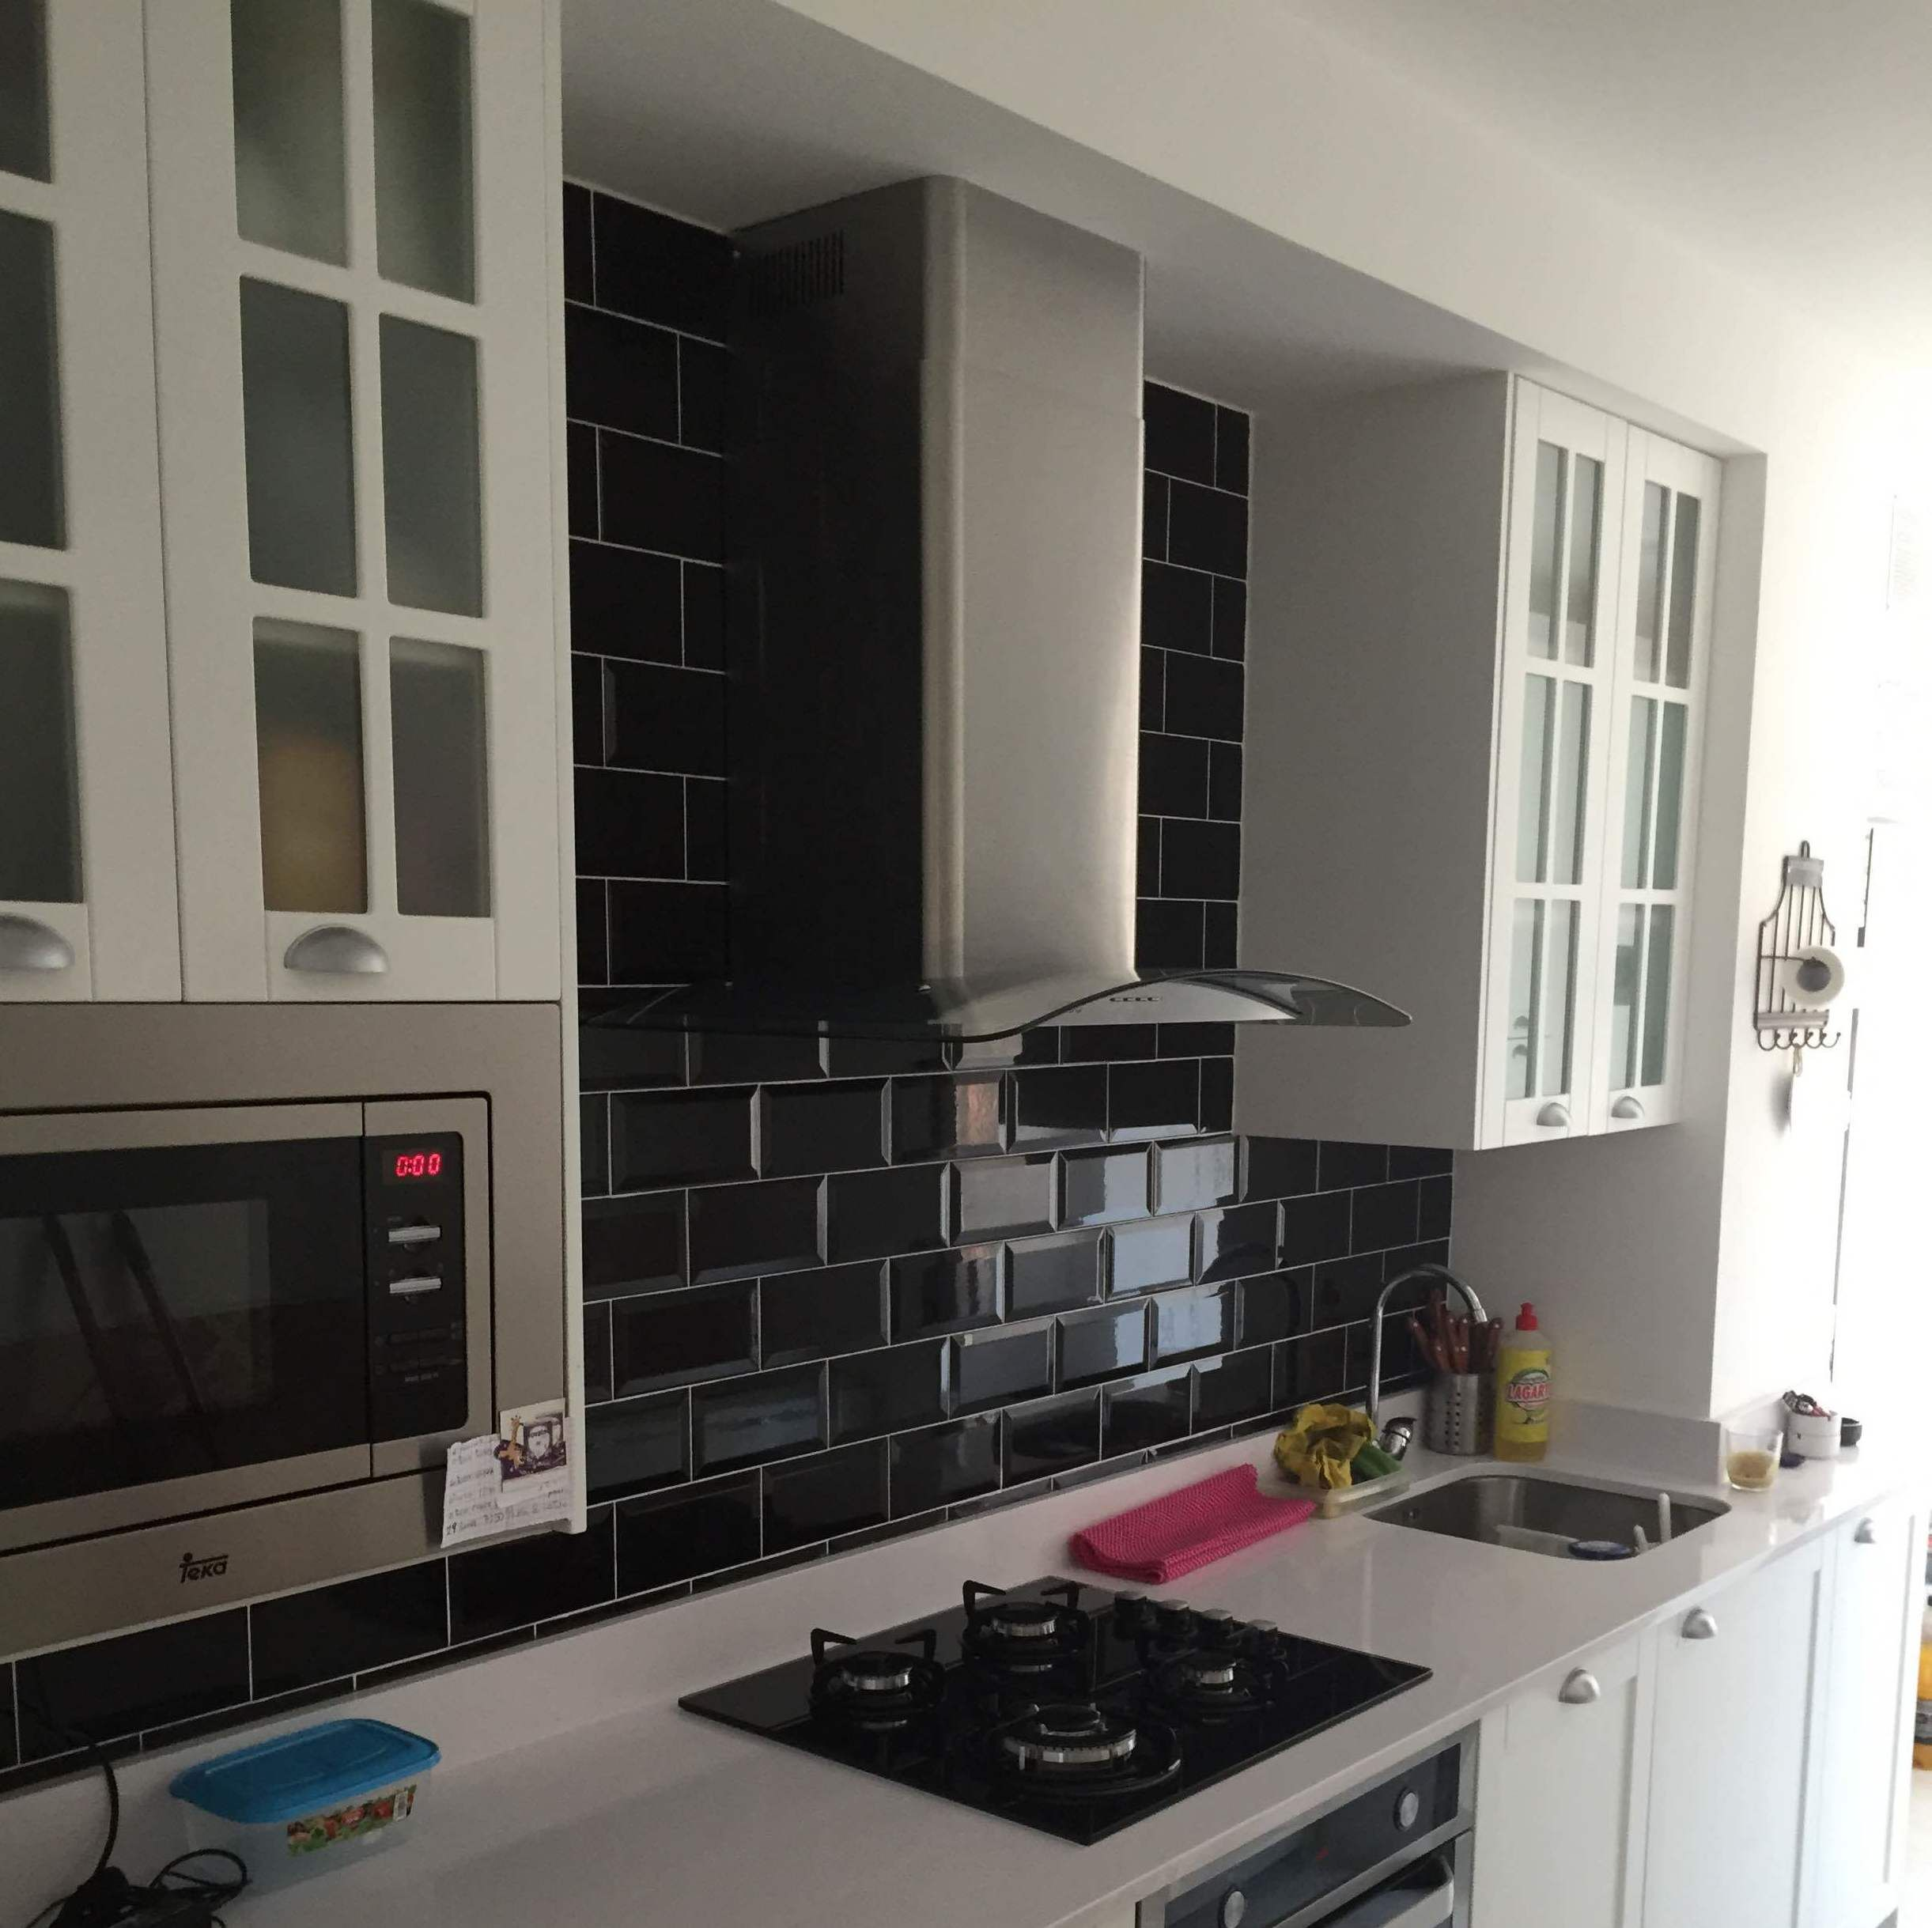 Muebles de cocina en alcal de henares muebles de cocina - Muebles en alcala de henares ...